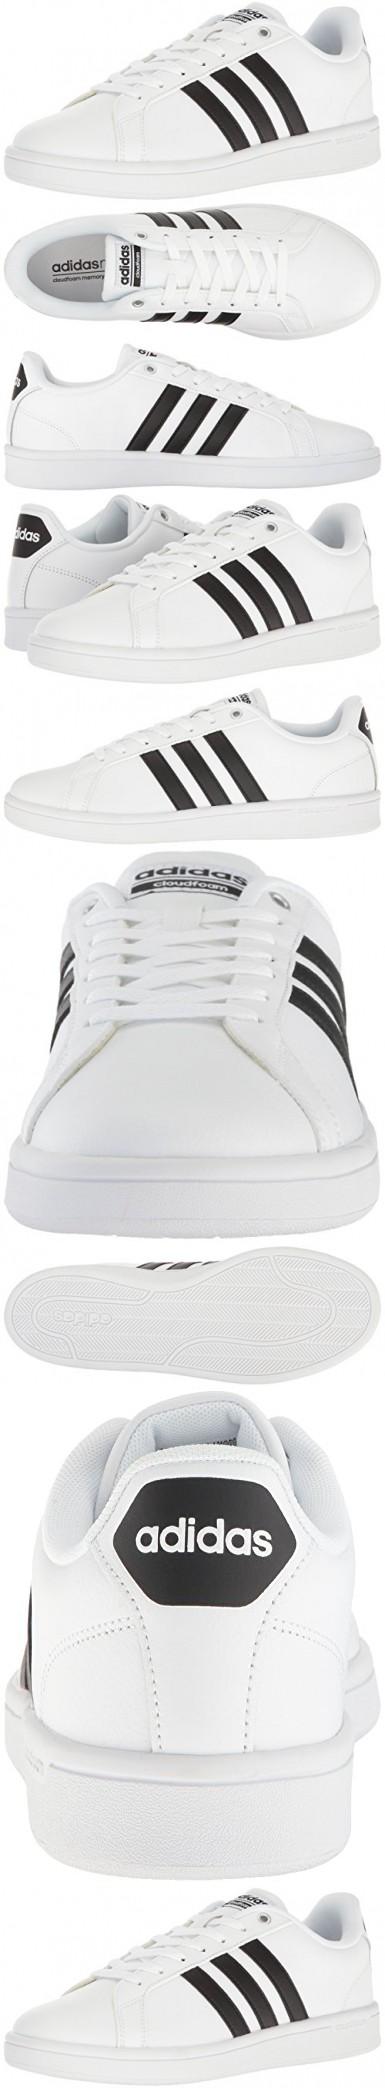 adidas neo uomini cloudfoam vantaggio della scarpa, bianco / nero